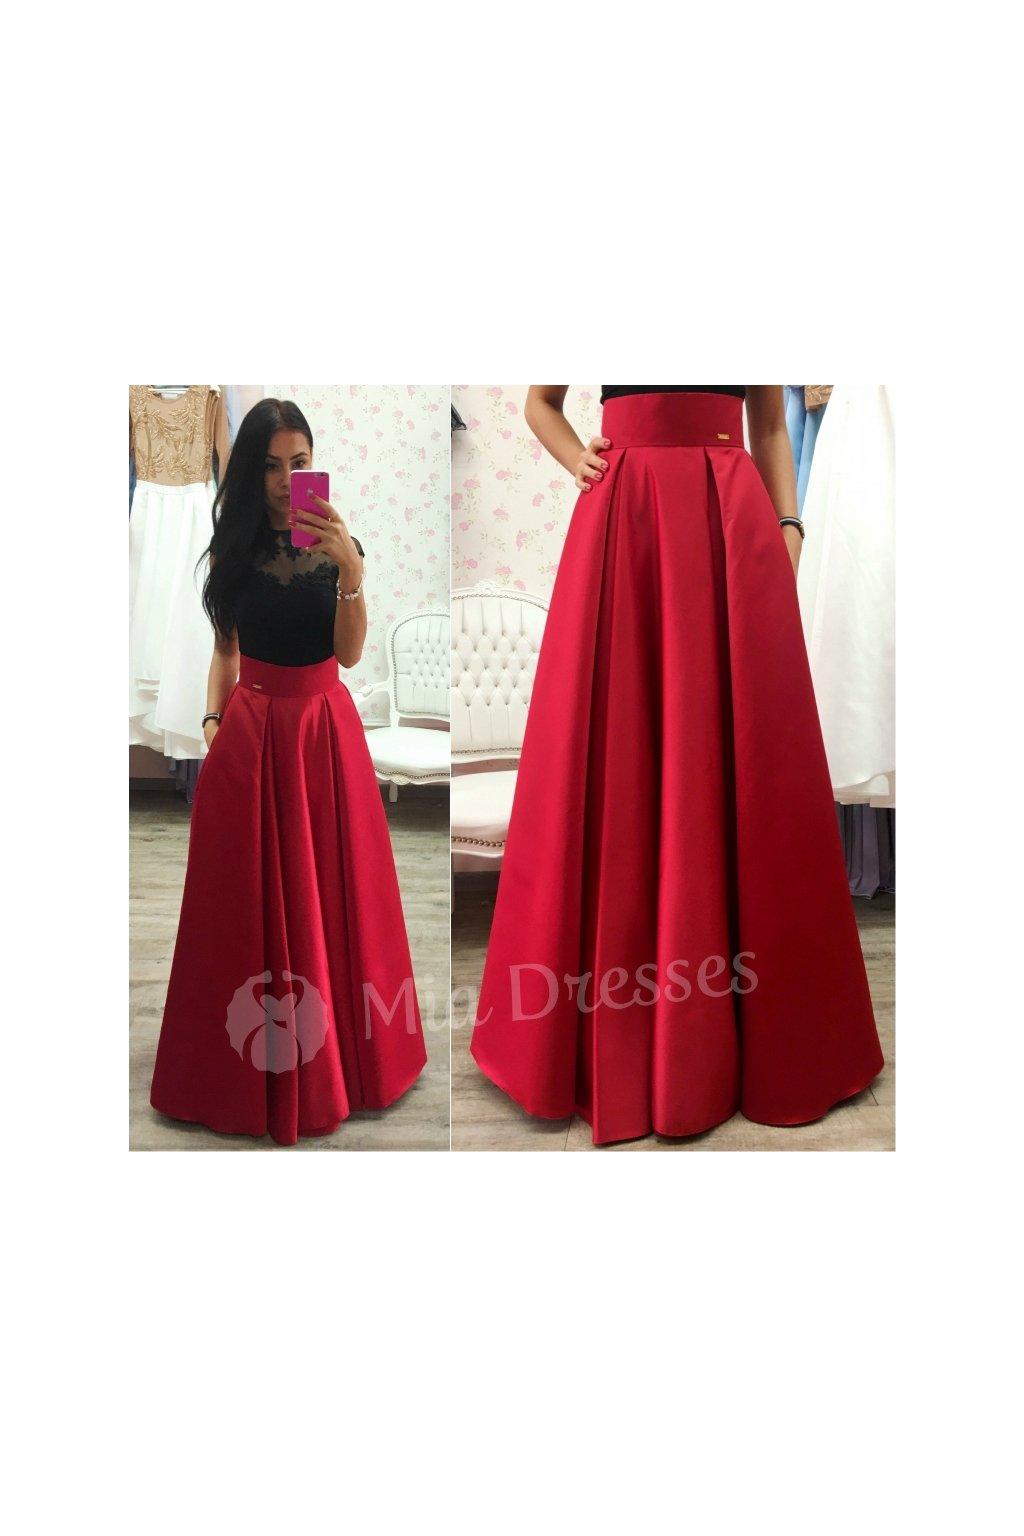 25c3d2f2217f Červená dlhá sukňa - Mia Dresses